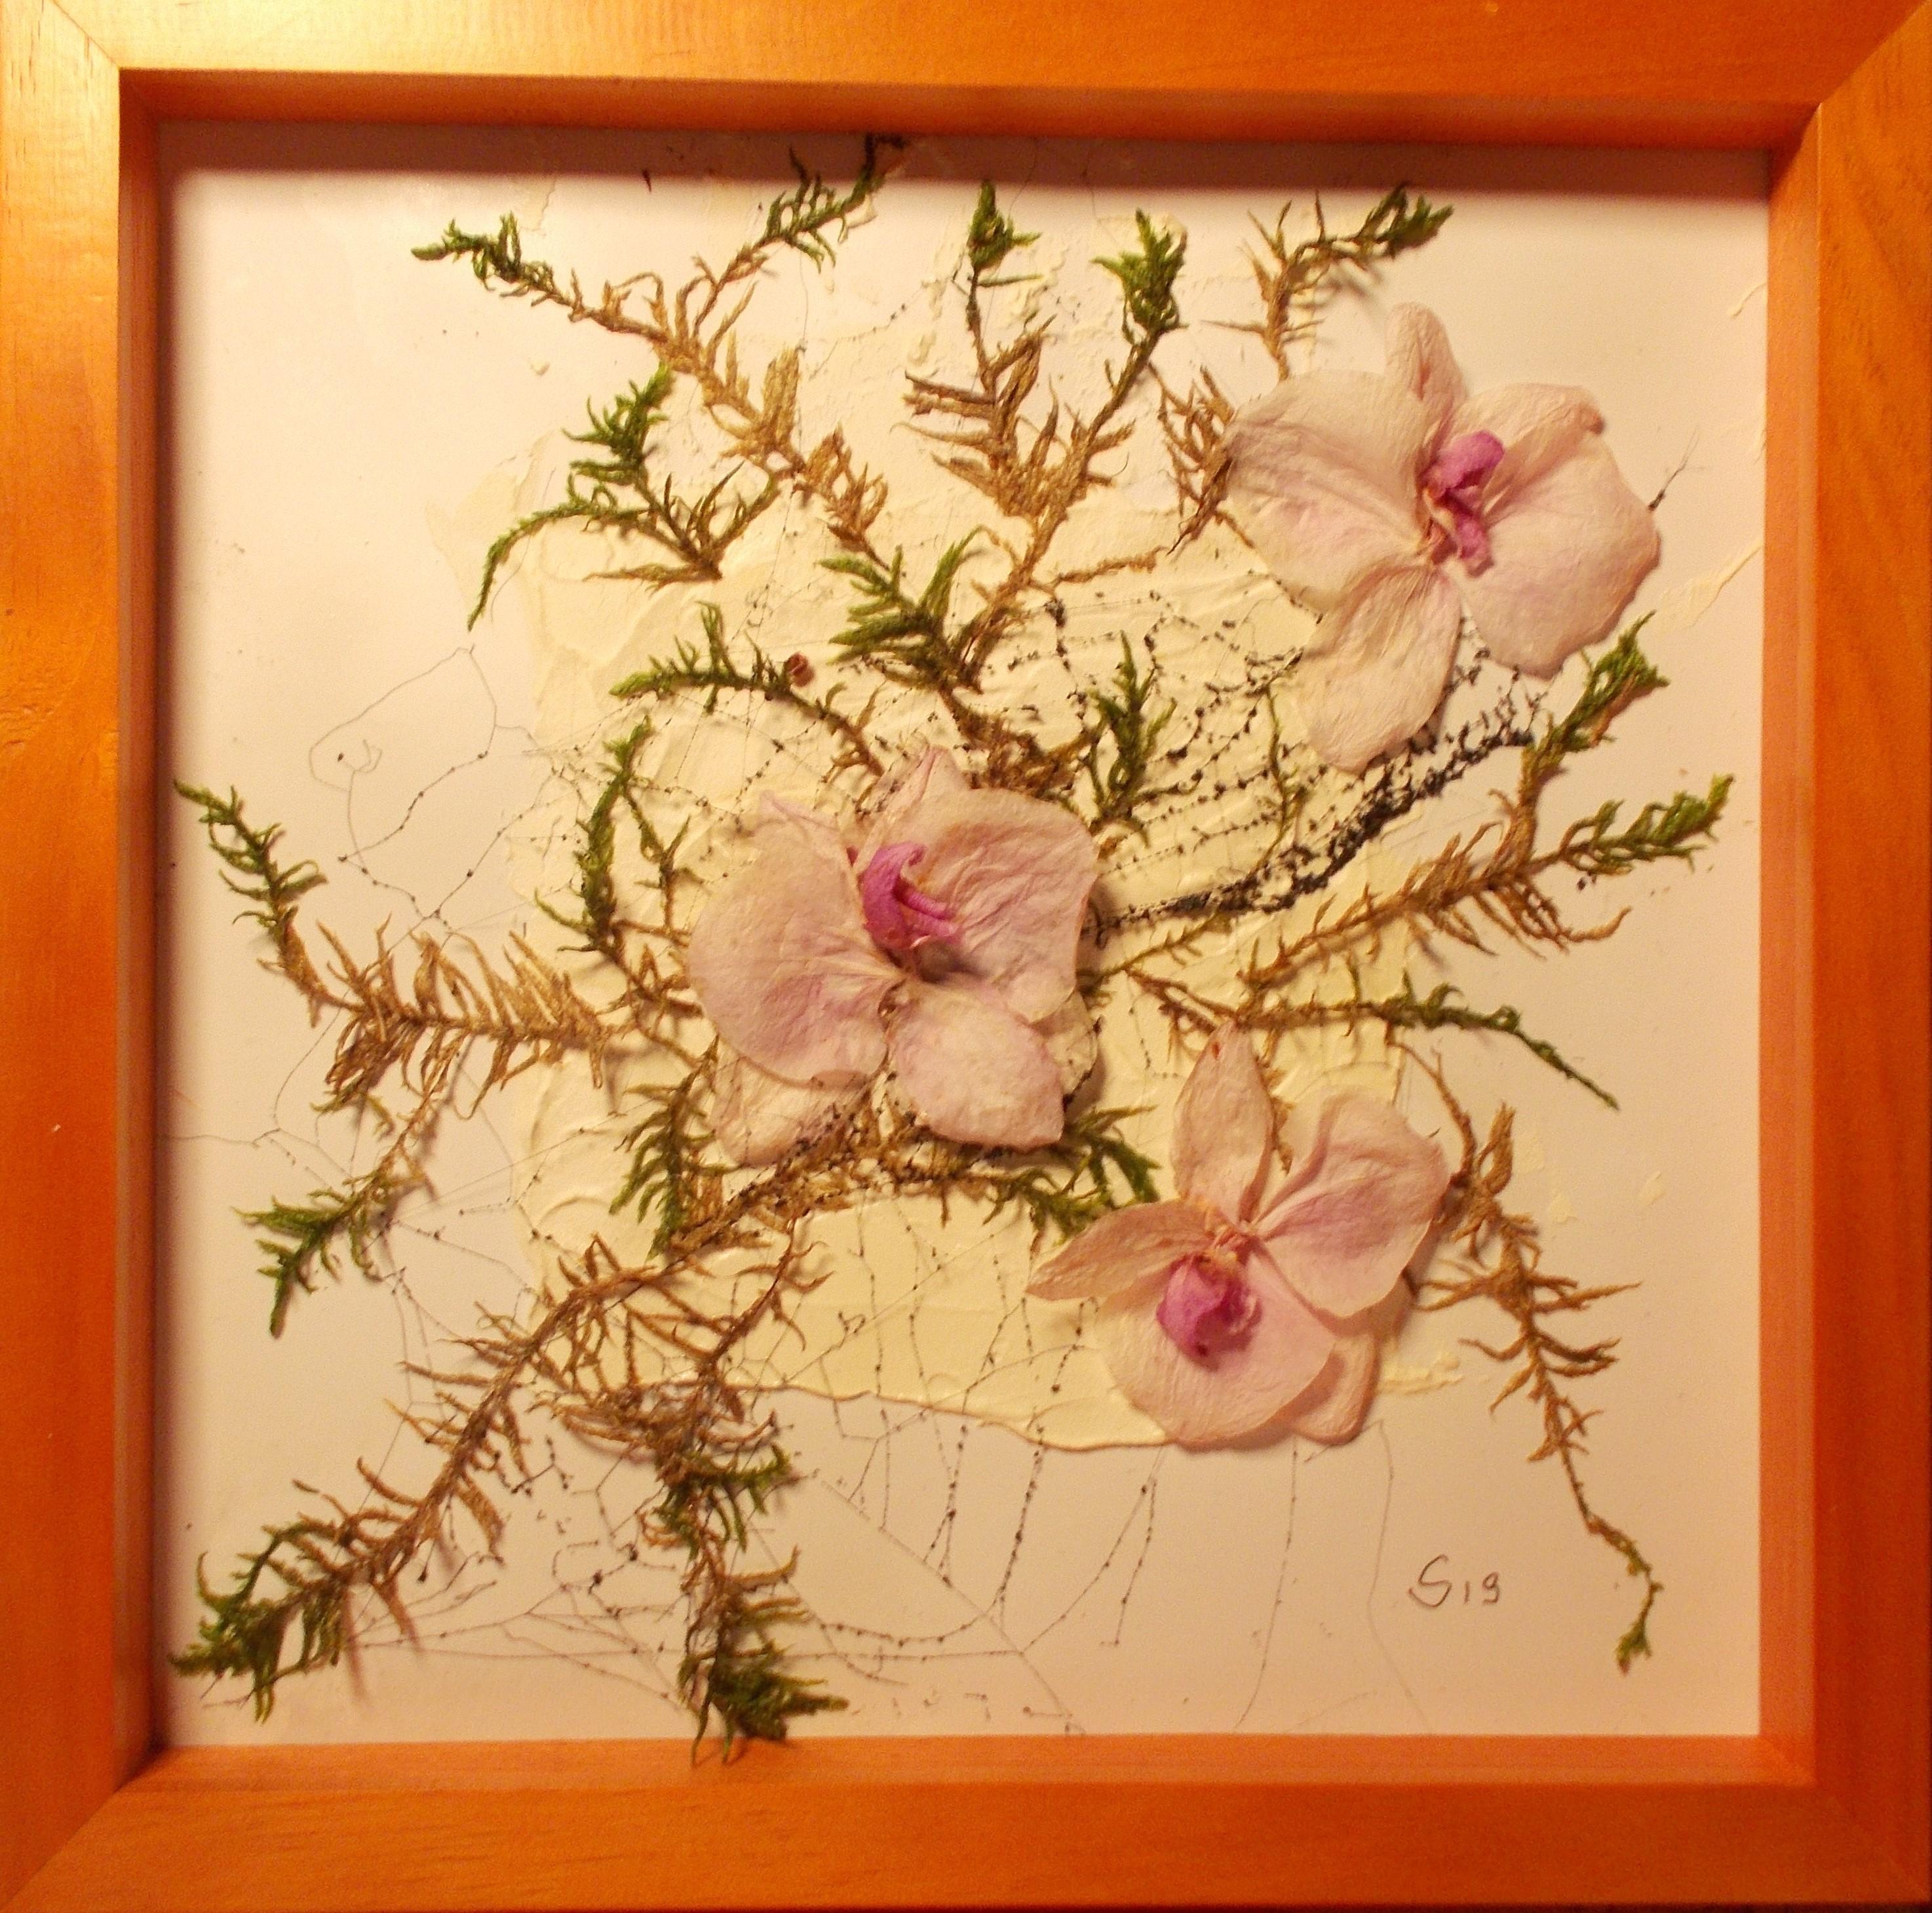 Orchideen, Moos auf Strukturpaste 23*23